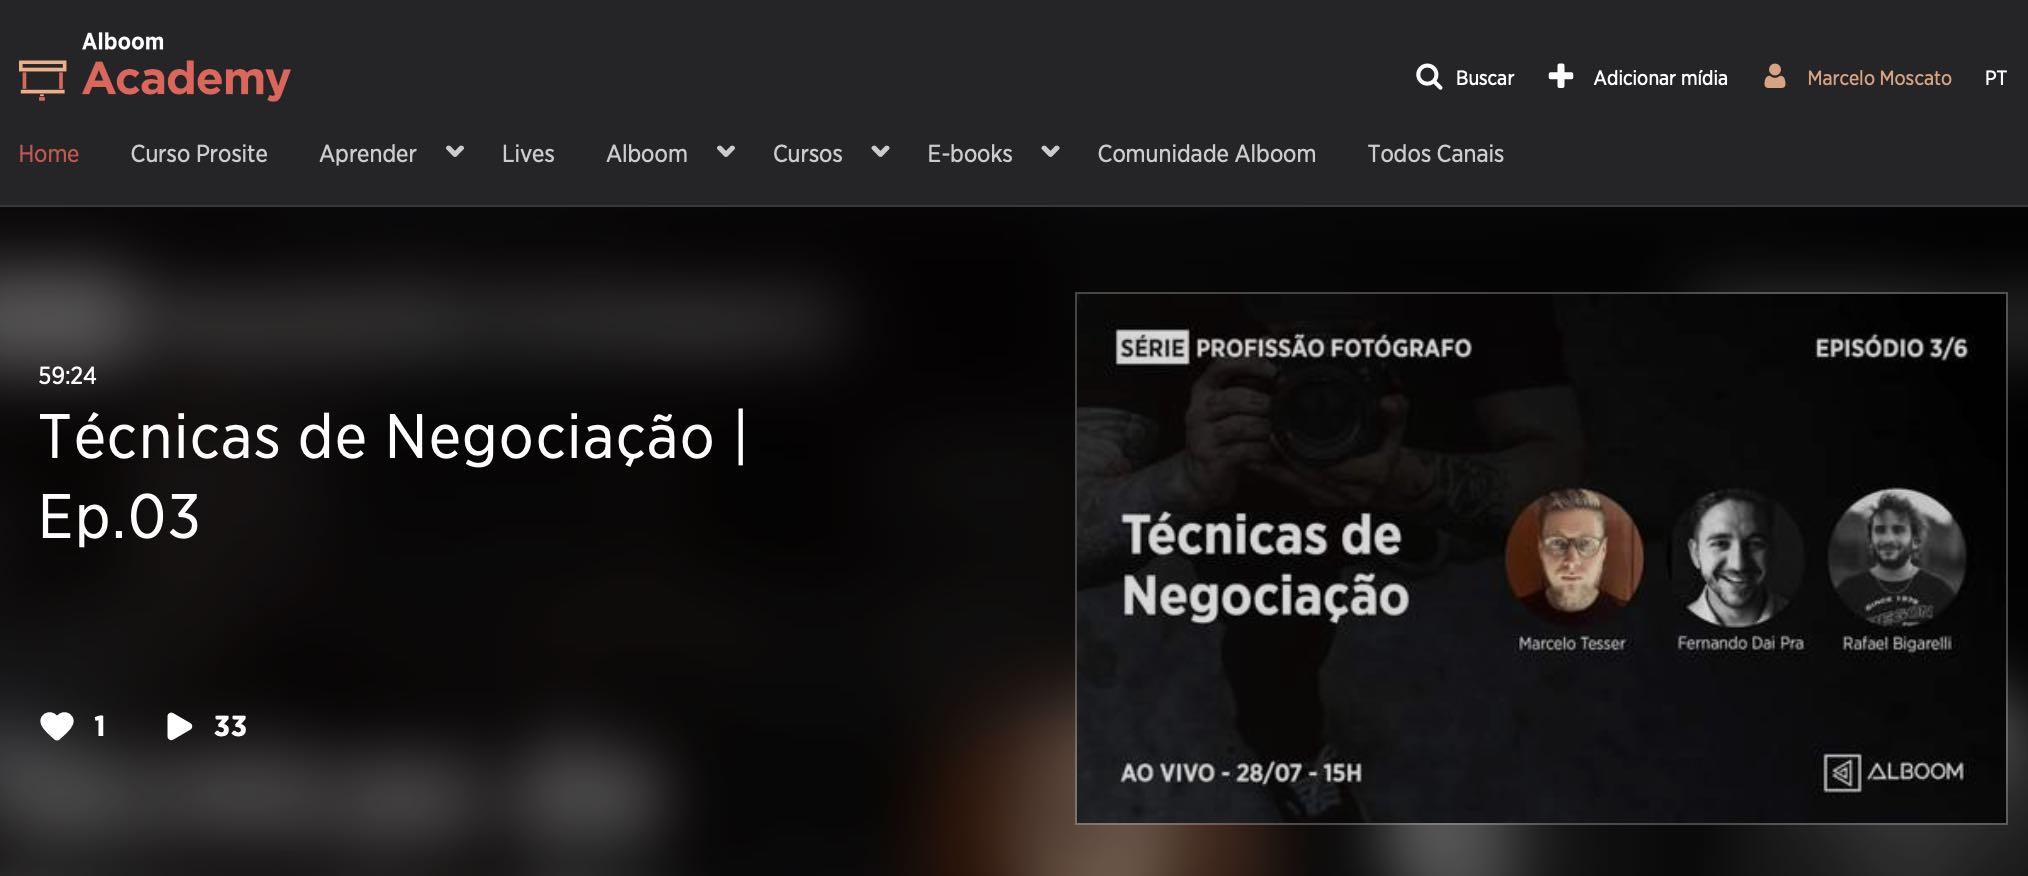 Migracao-do-Alboom-Academy-para-o-blog-da-alboom